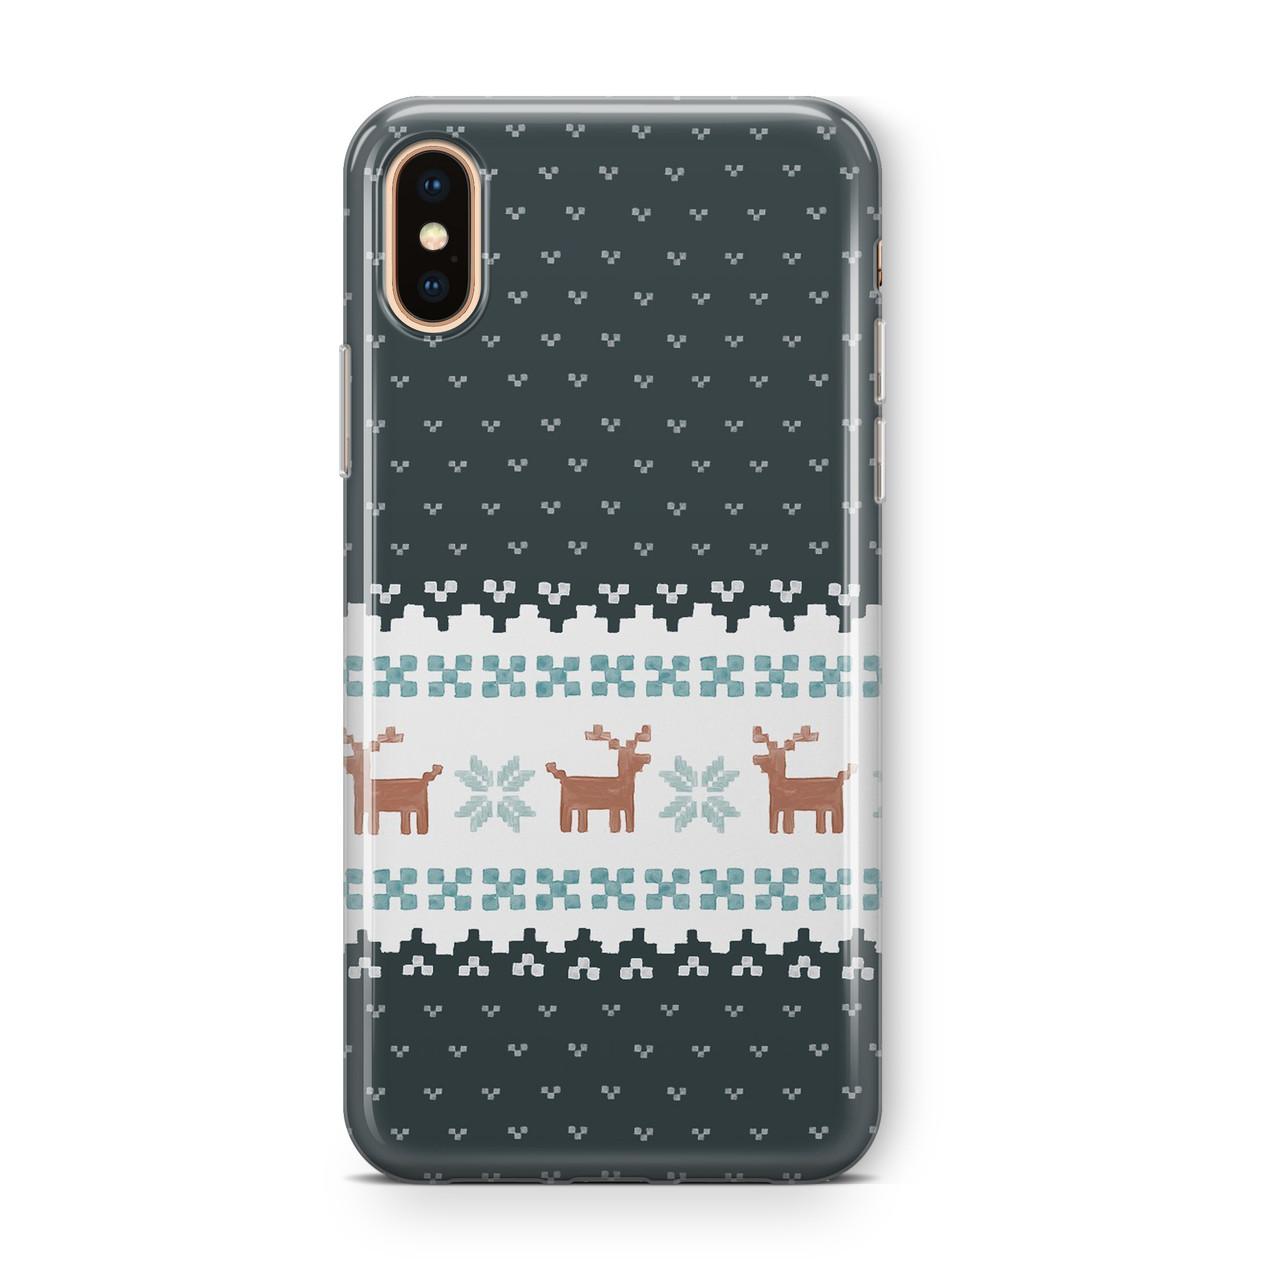 Дизайнерский пластиковый новогодний чехол для iPhone X/ XS /Xr /XS Max, с серой вышивкой оленей